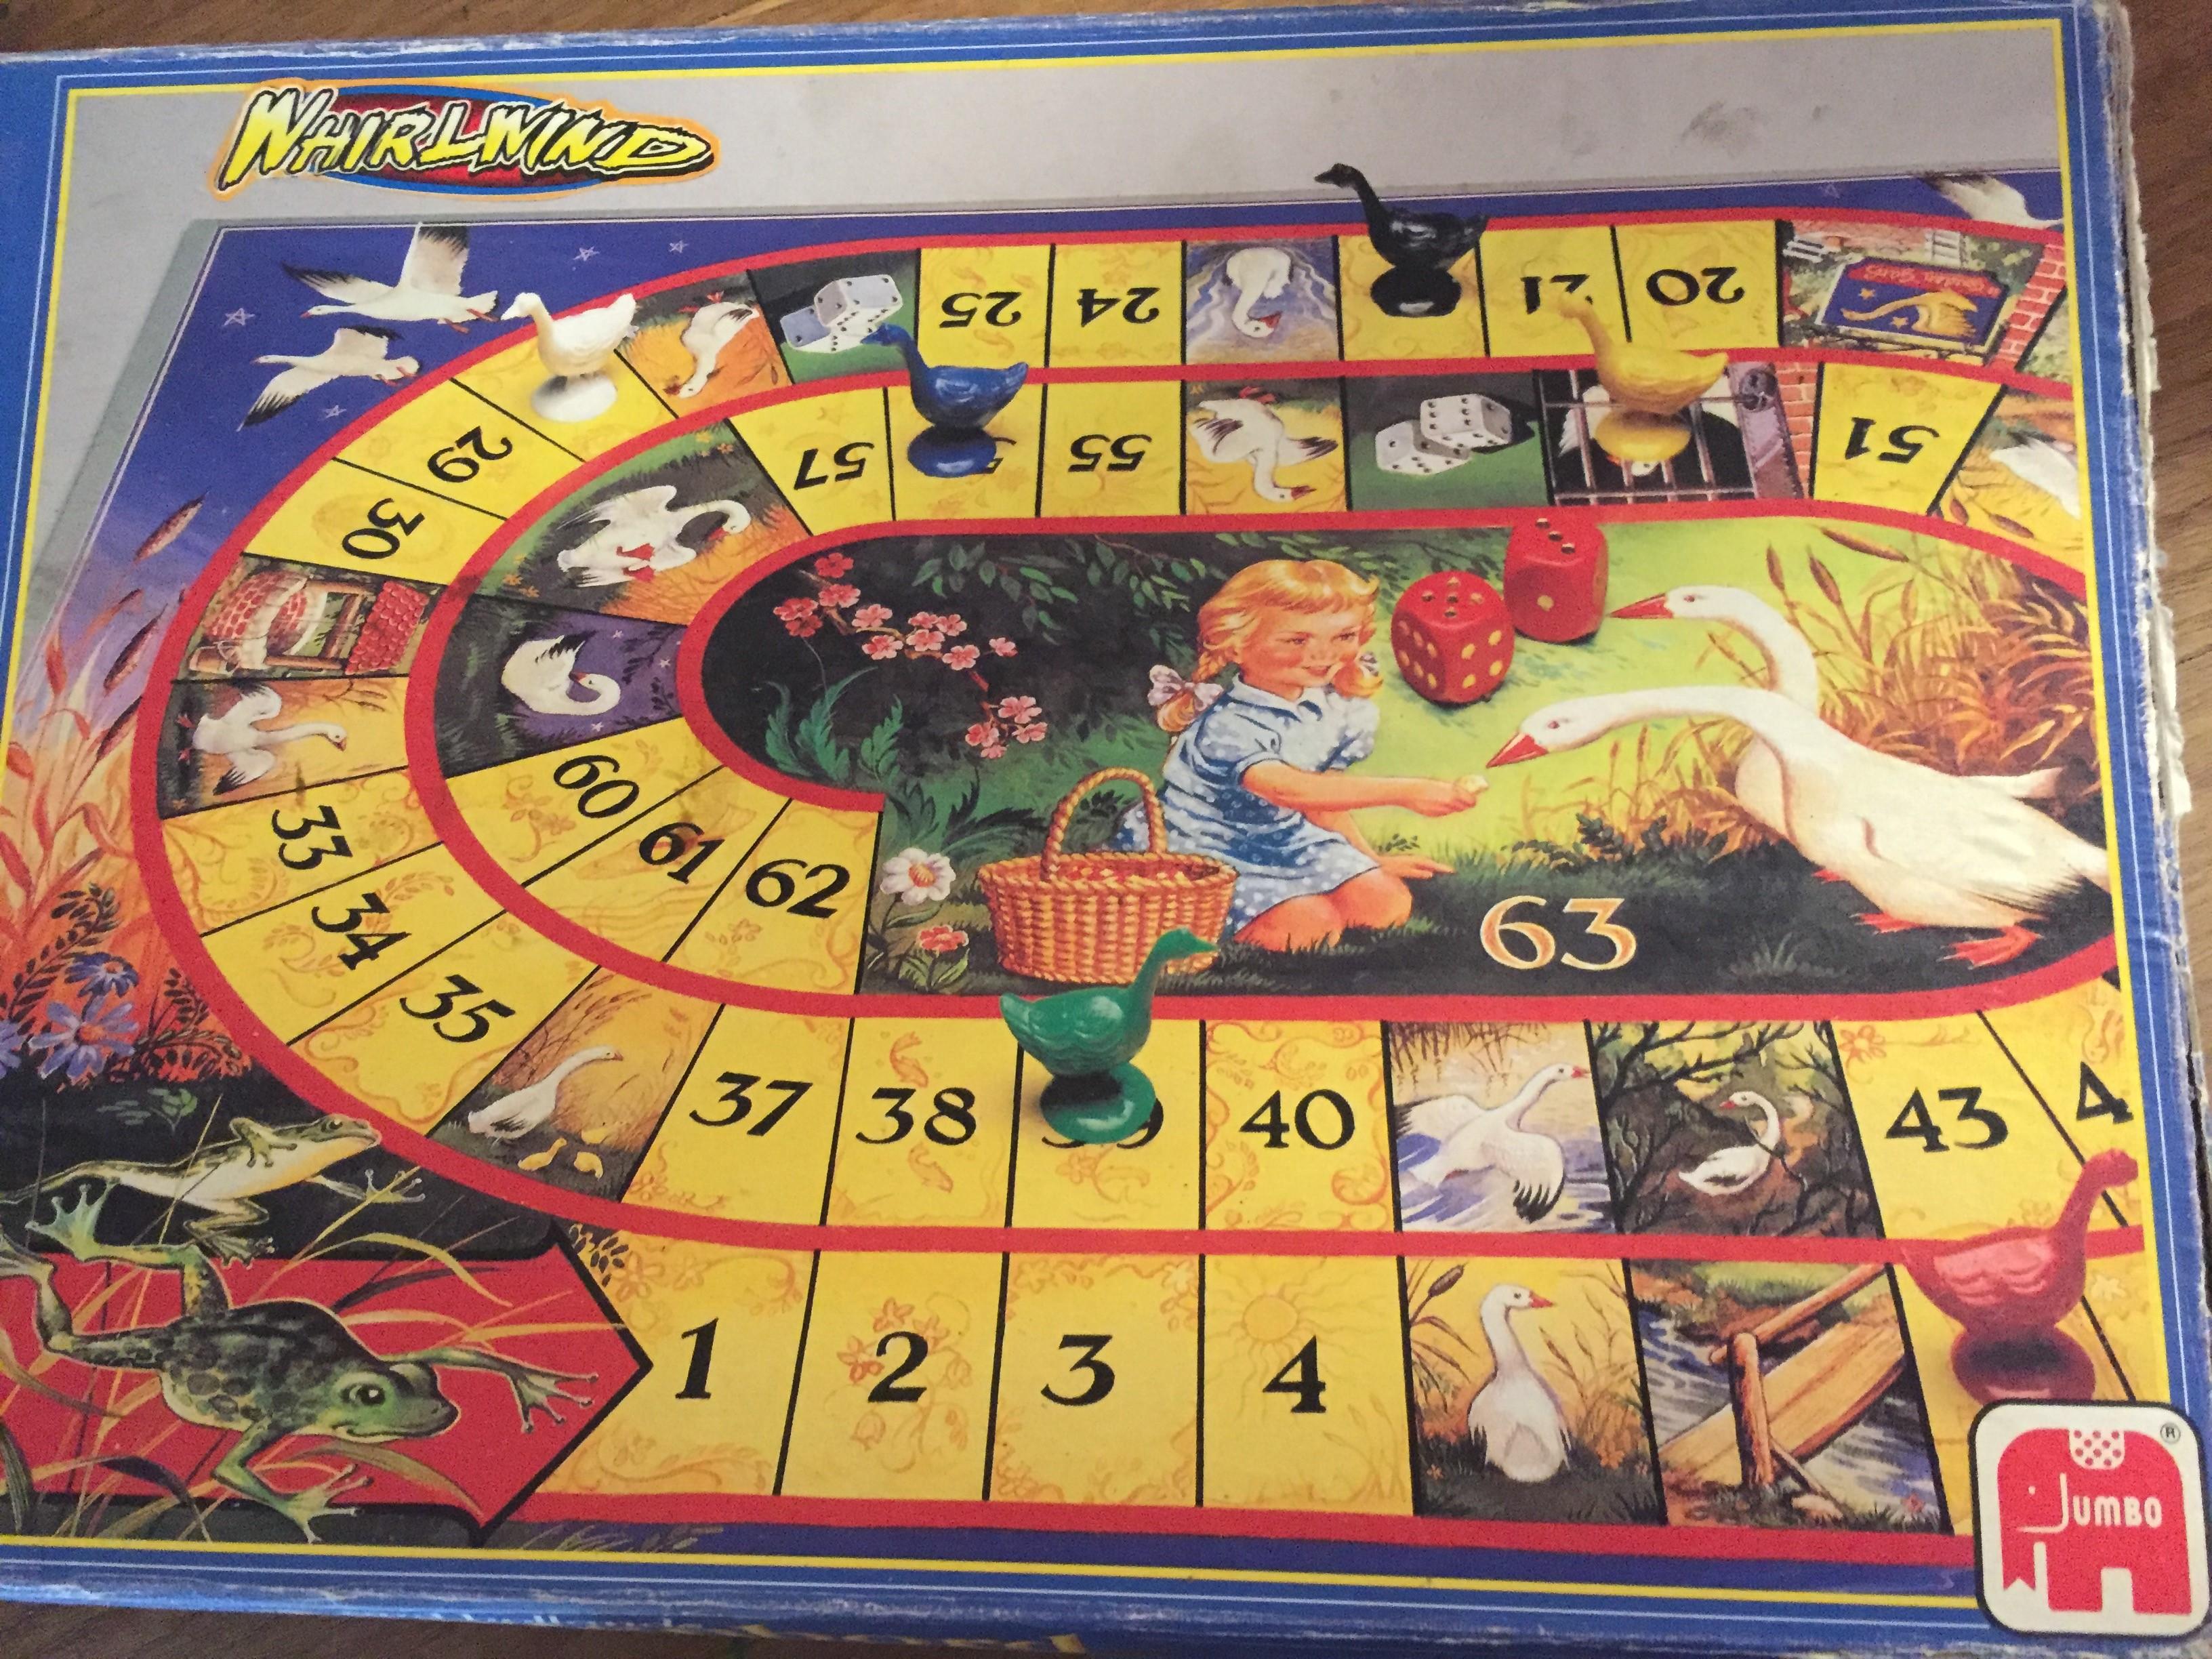 Ganzenbord, spel afkomstig uit begin jaren 80